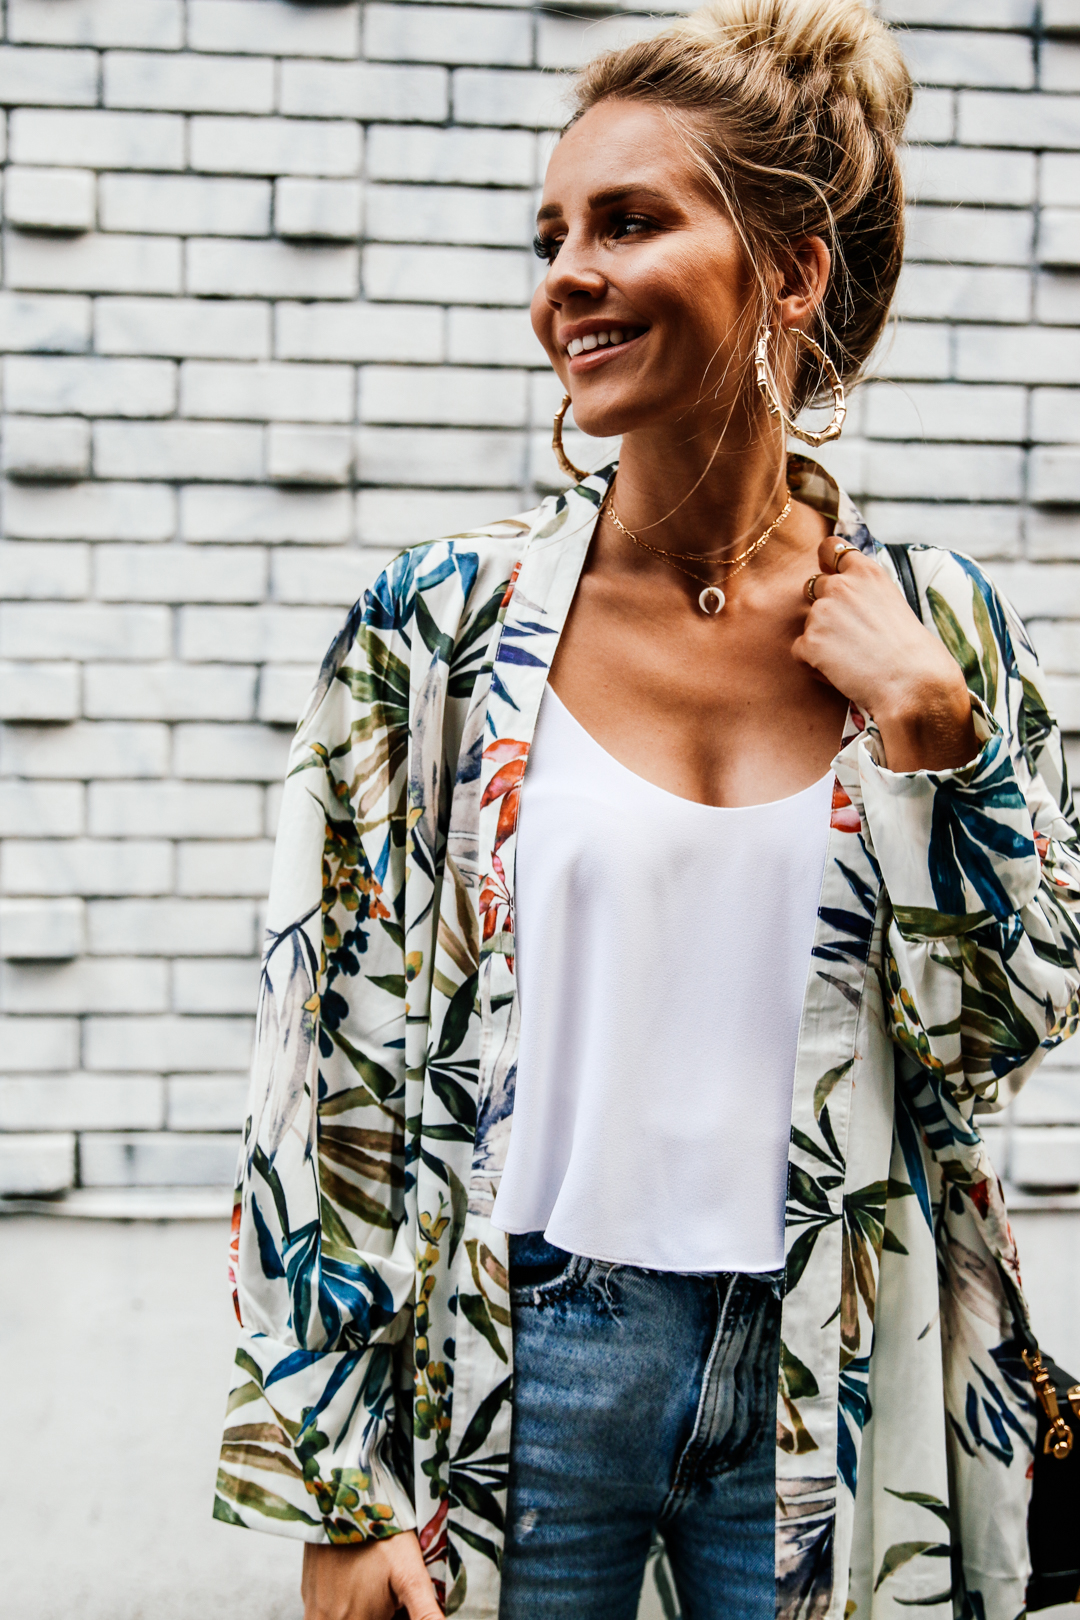 Γιατί το kimono είναι το κομμάτι-κλειδί και αυτήν την περίοδο